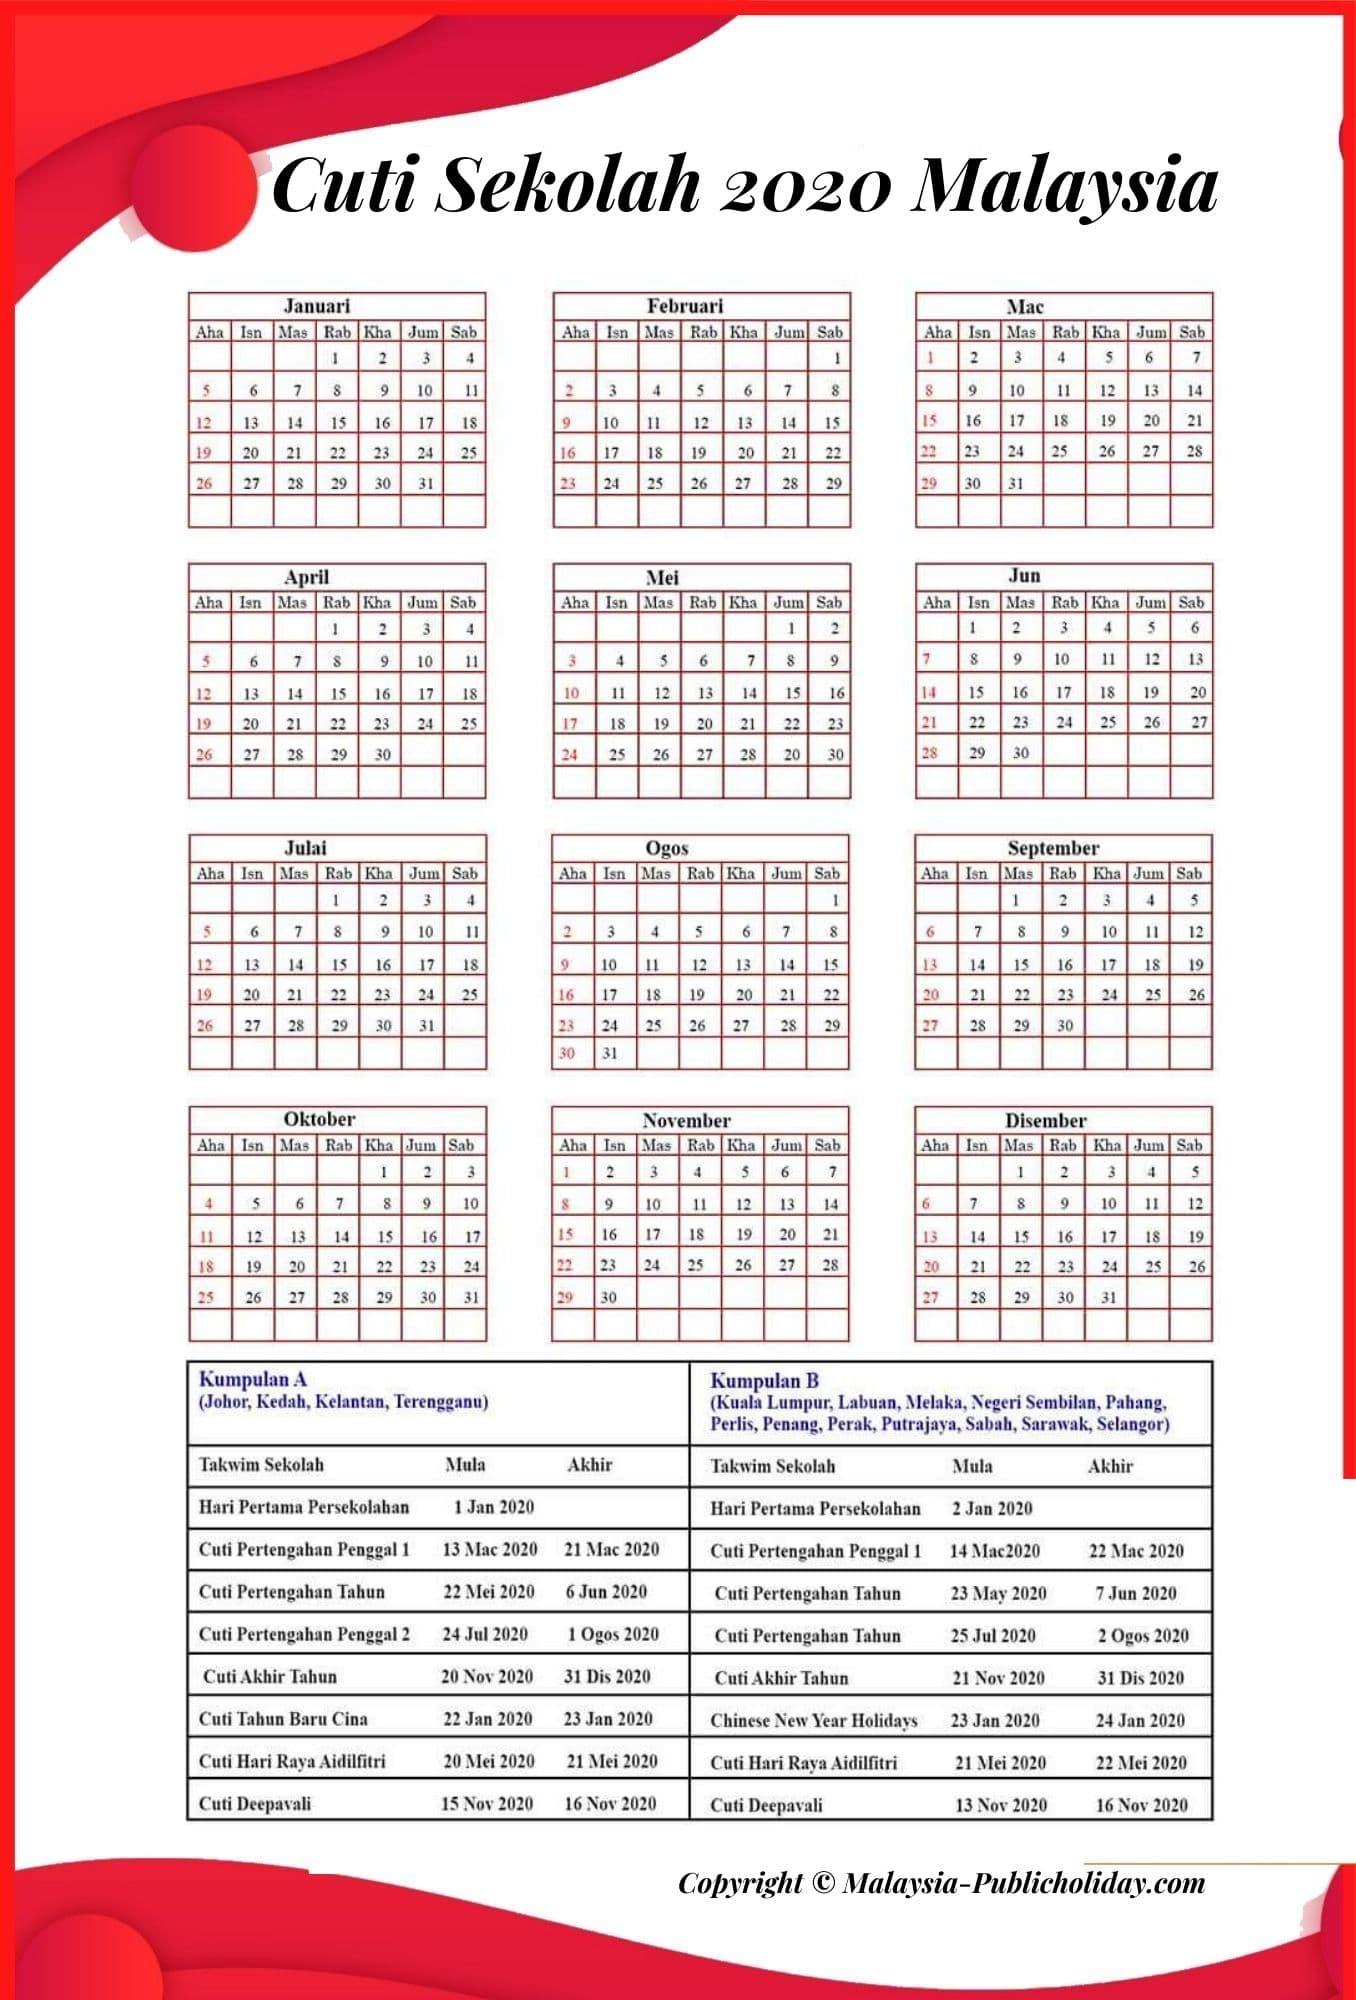 Cuti Sekolah 2020 Kalendar